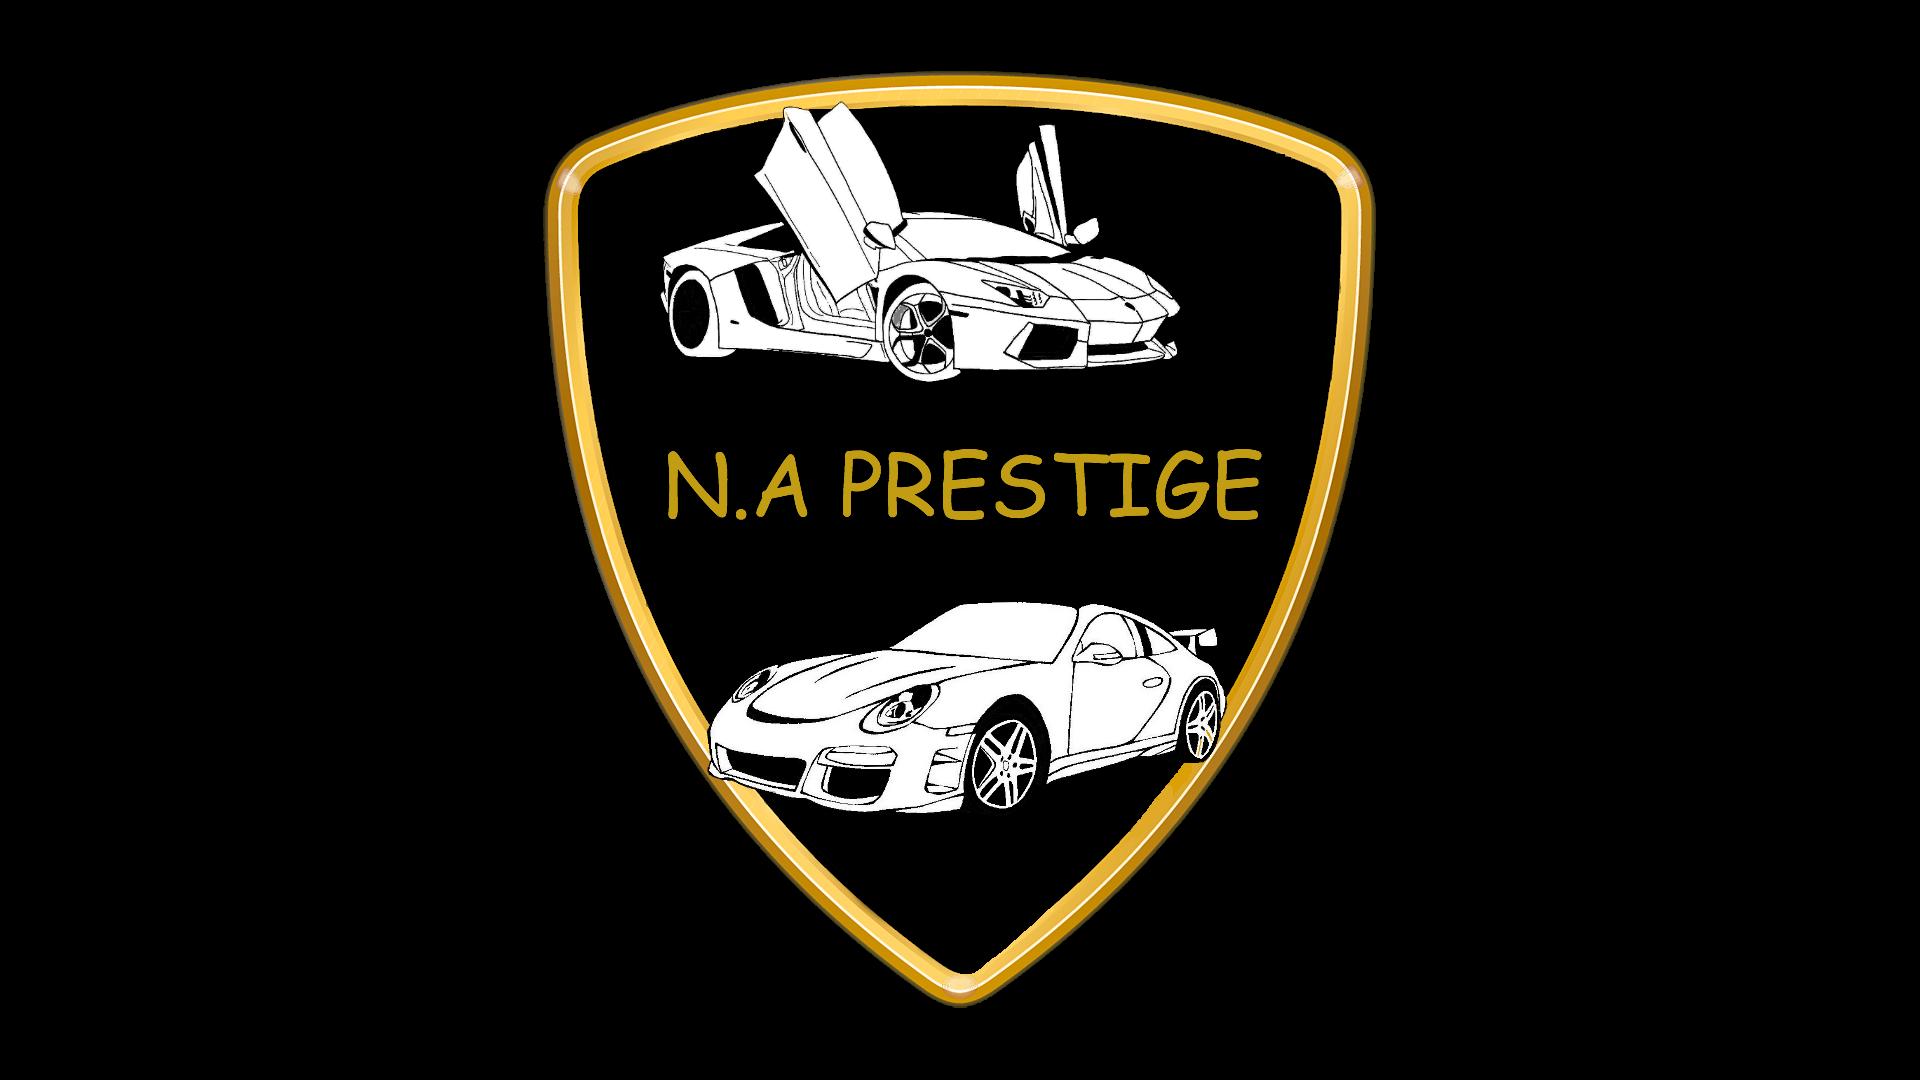 N.A PRESTIGE